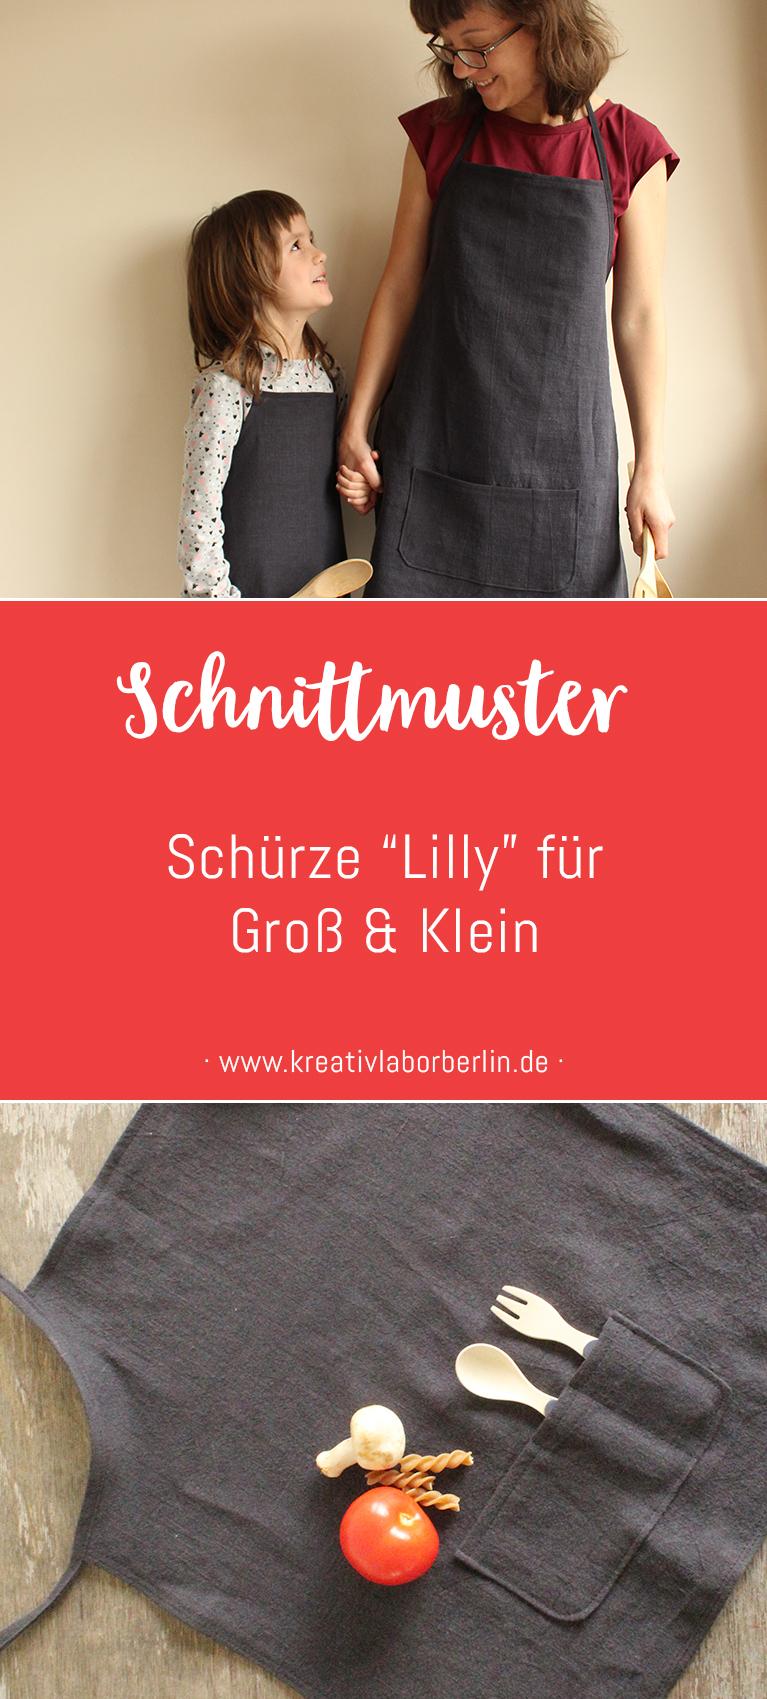 """Neues Schnittmuster: Schürze """"Lilly"""" für Groß & Klein"""